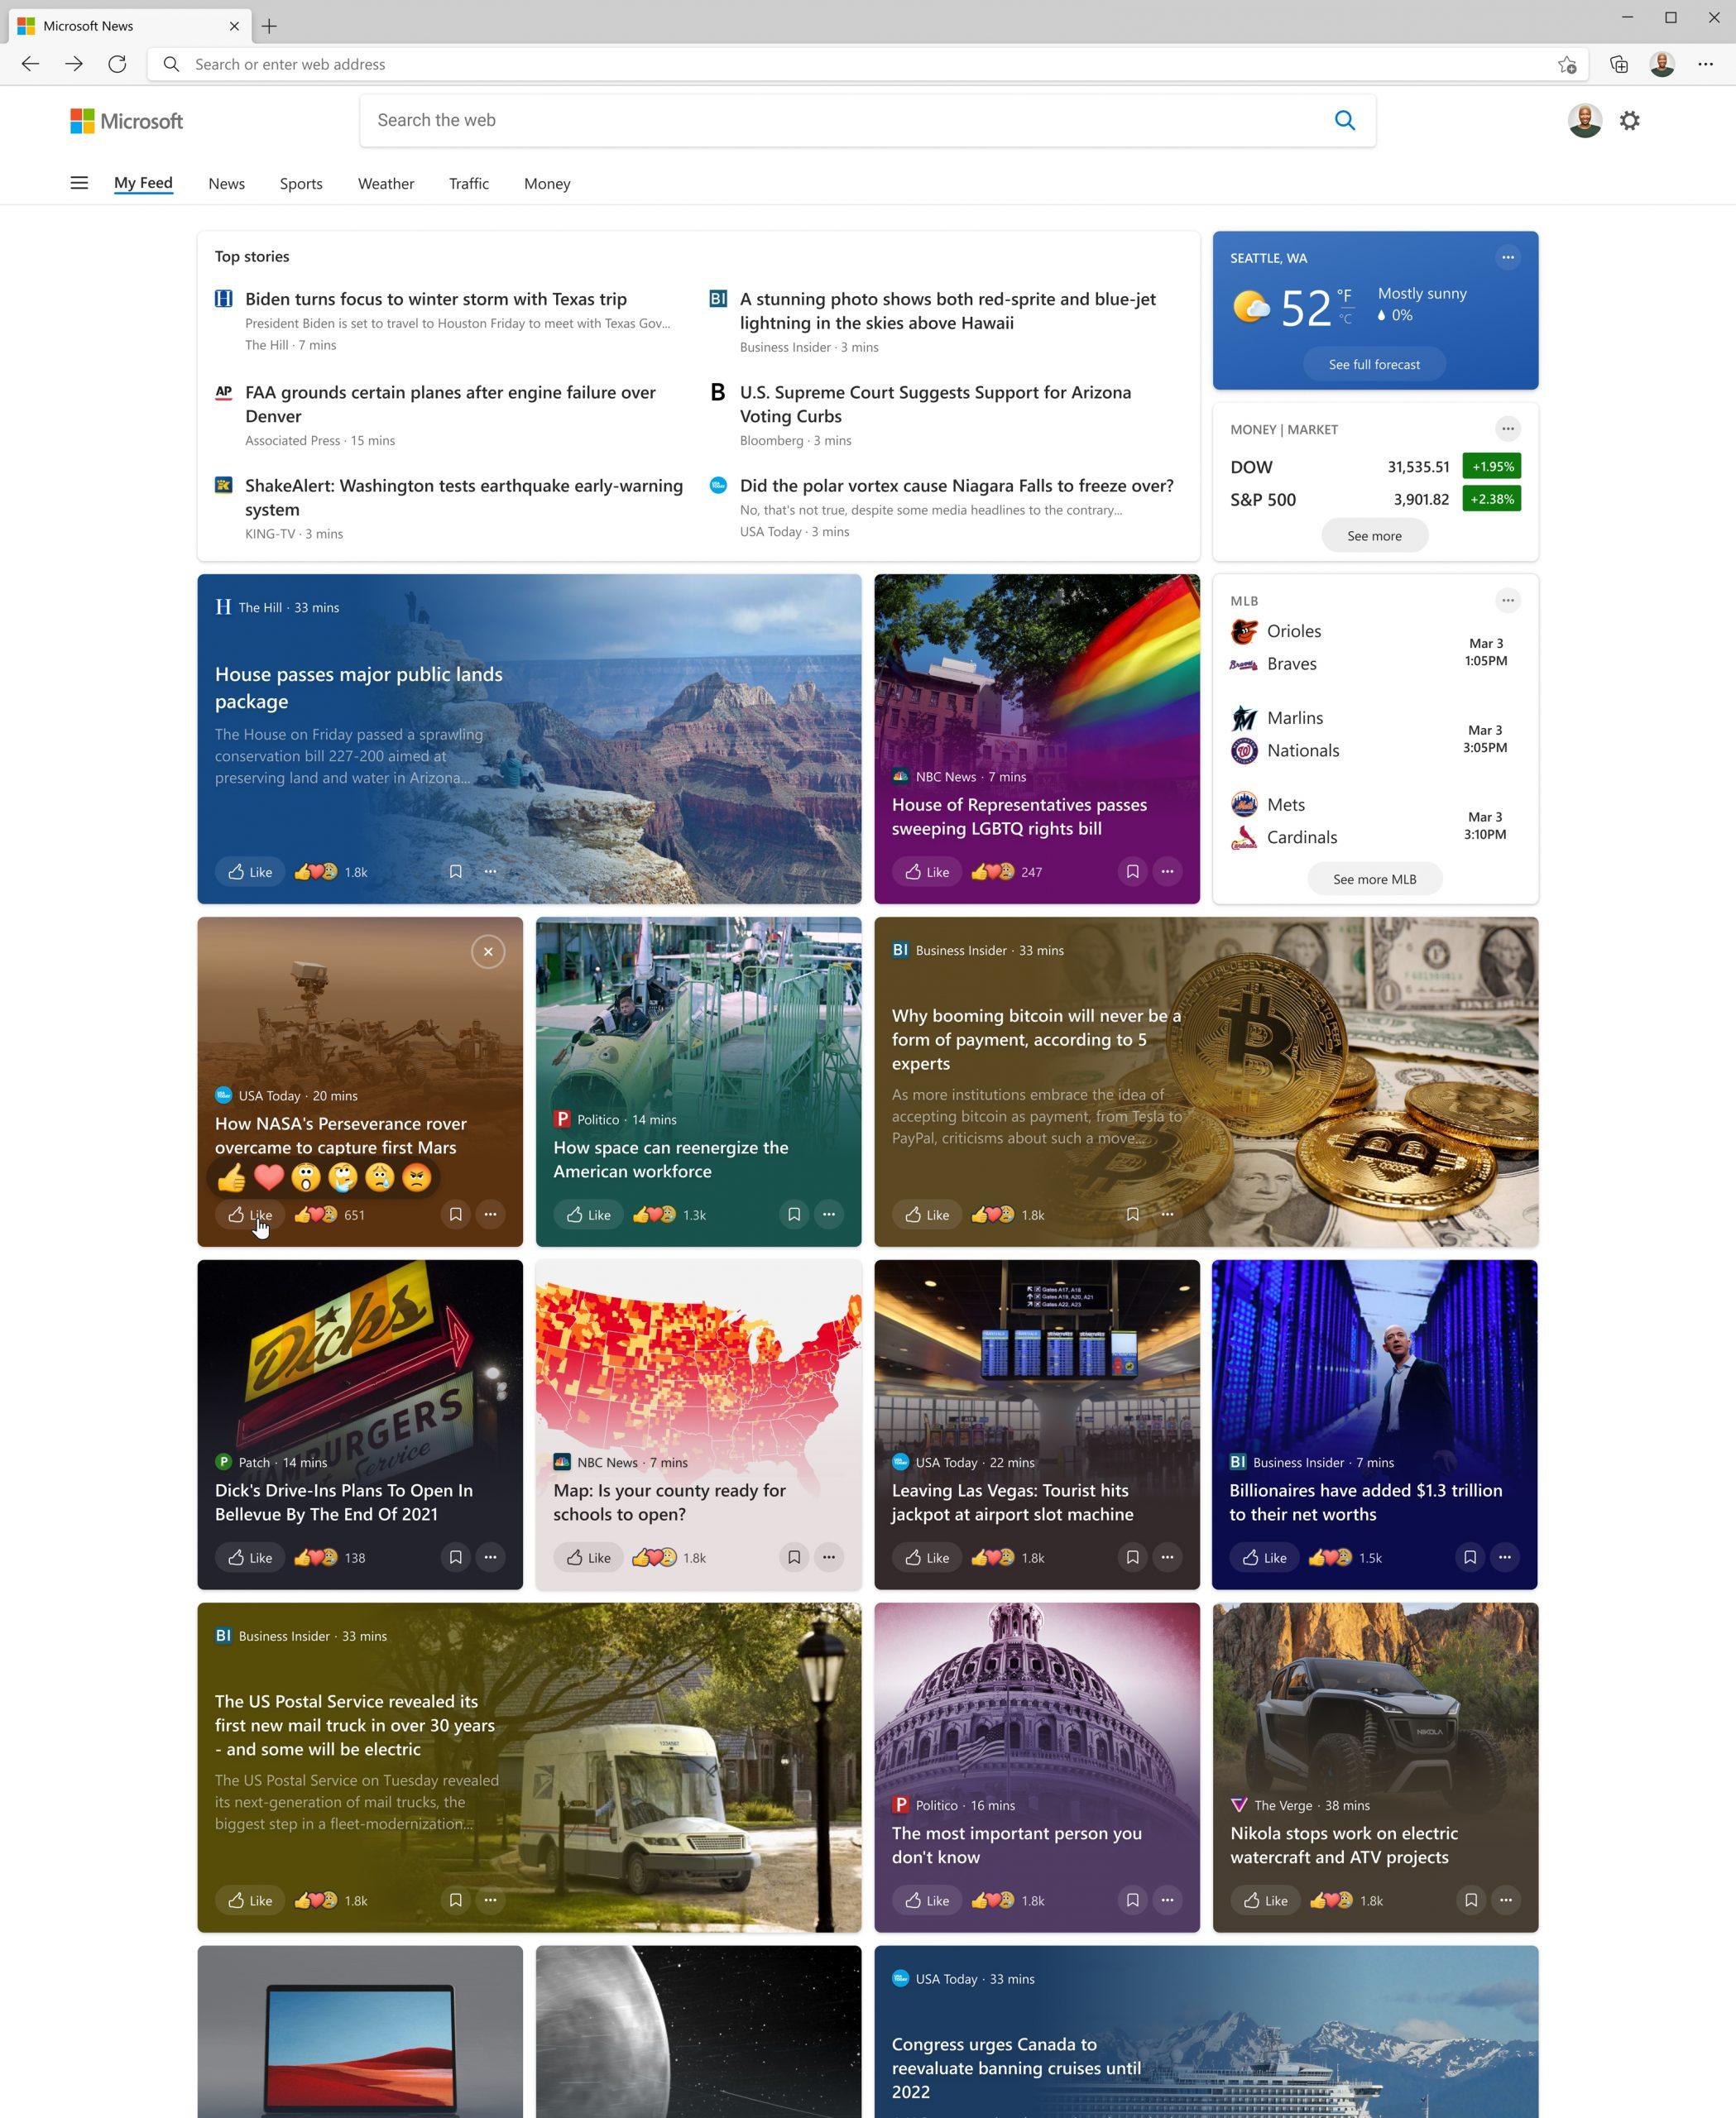 La nueva experiencia de noticias e intereses en el navegador